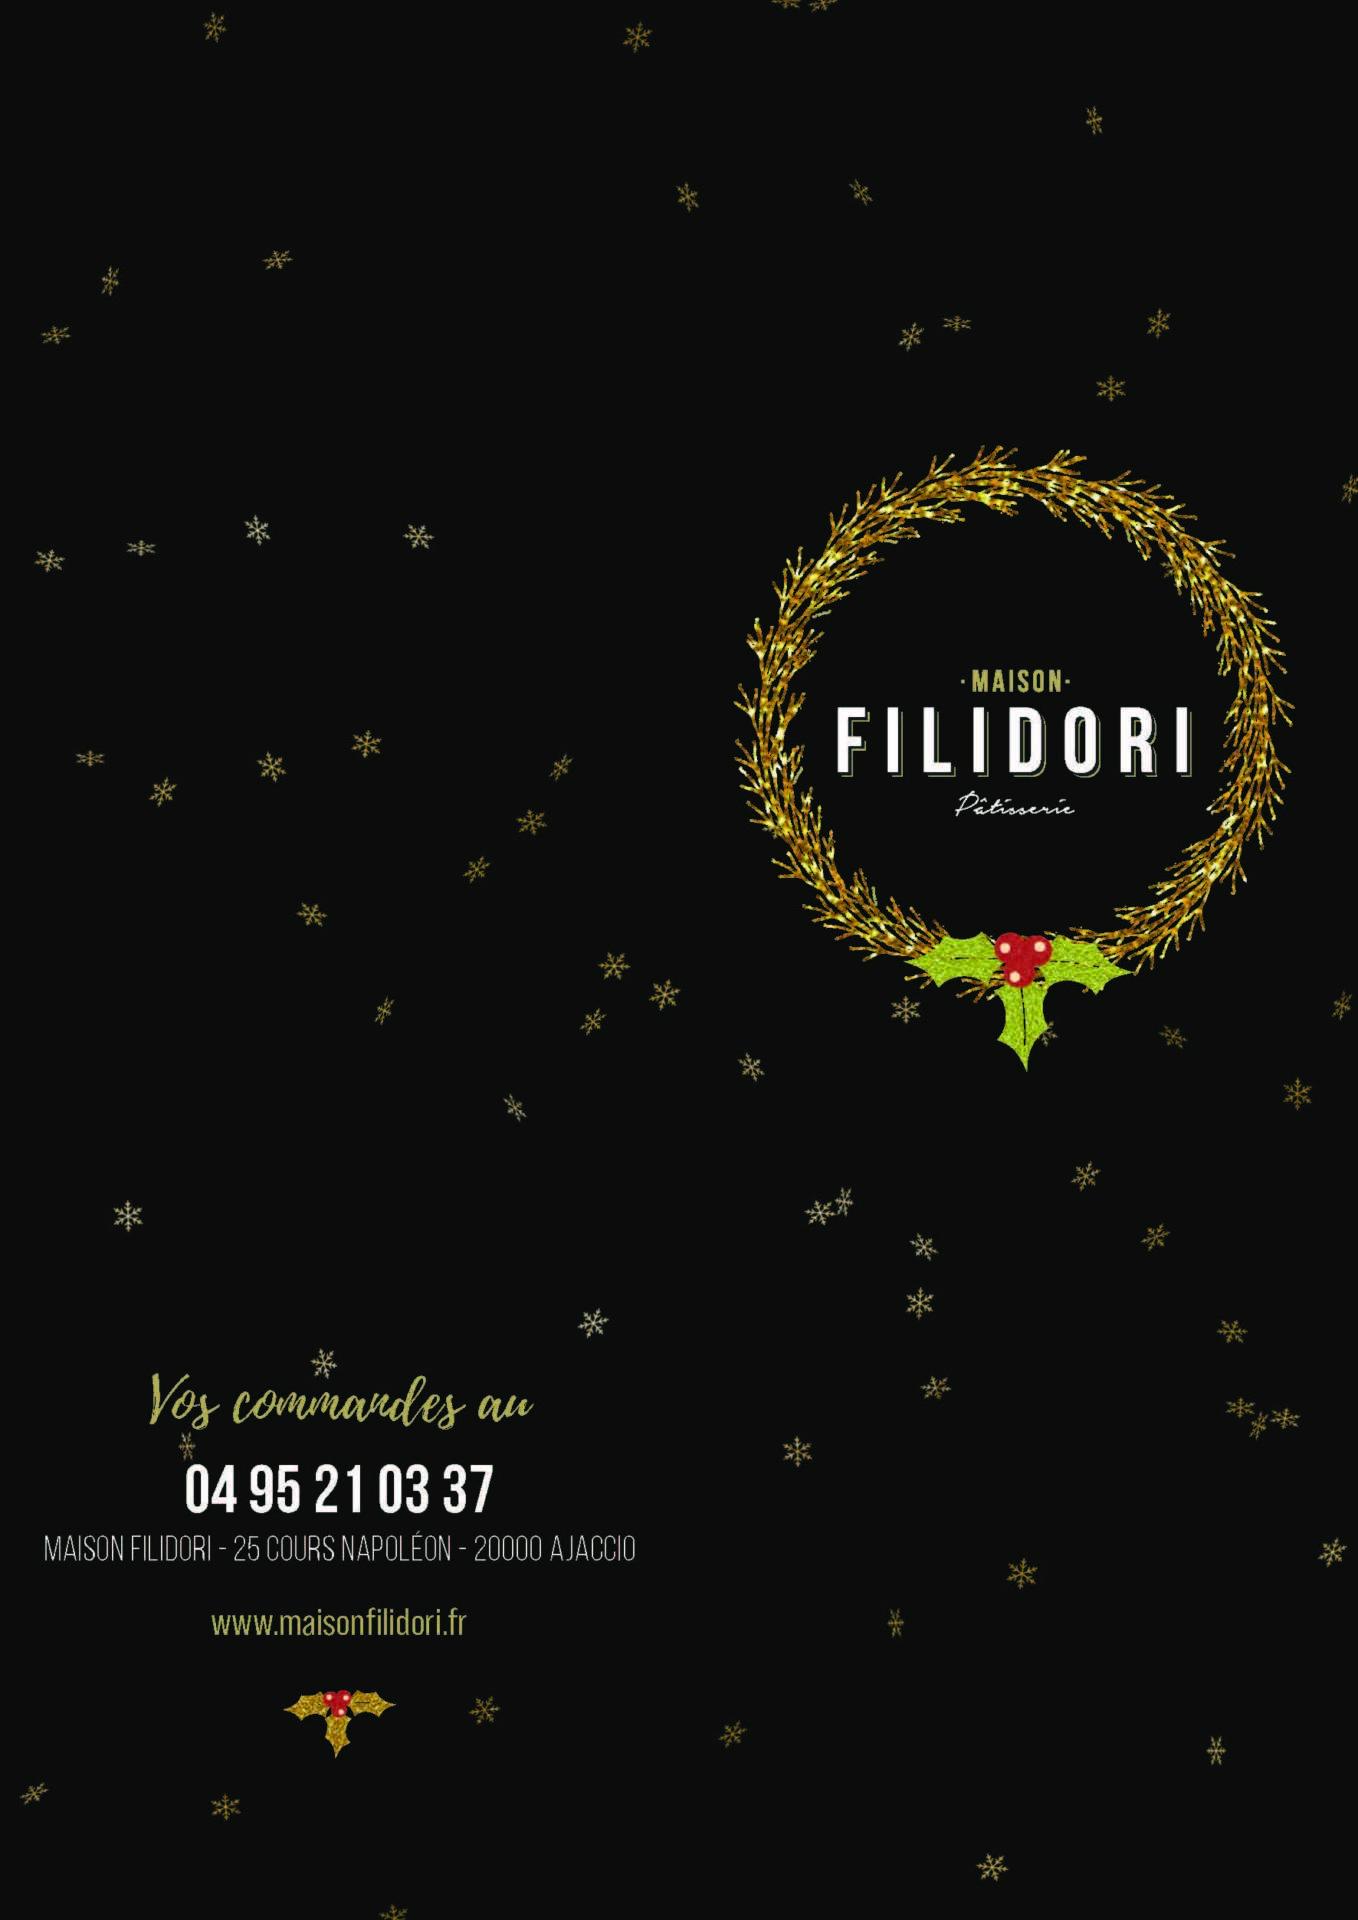 Maison Filidori Offre pour les fetes Ajaccio